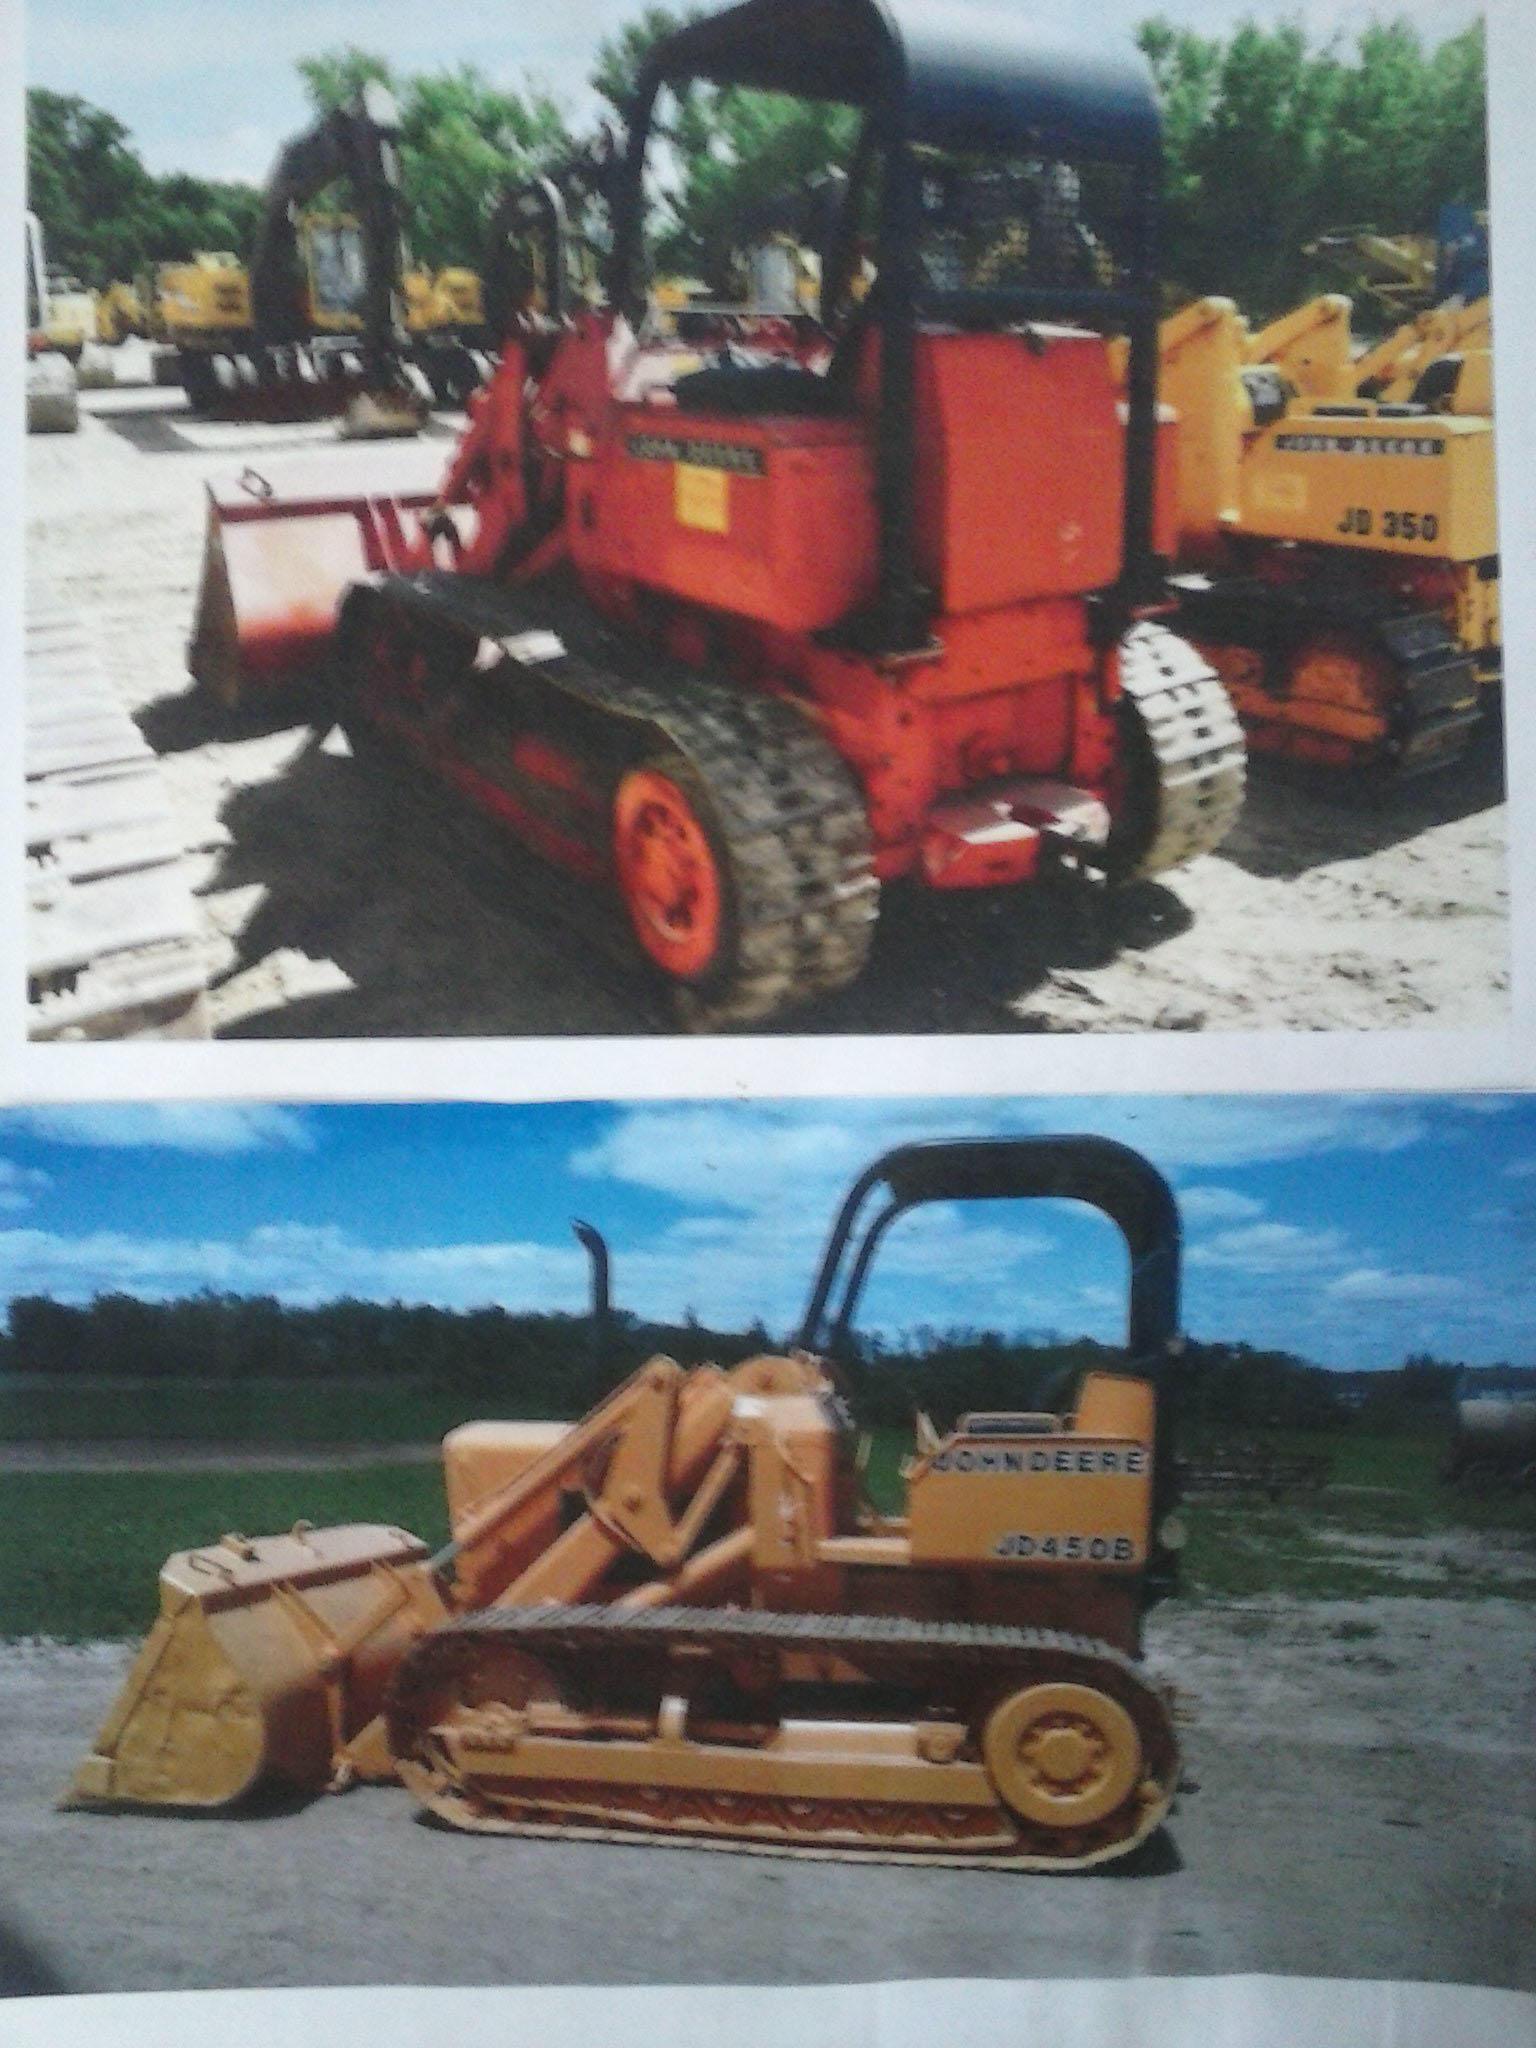 Mel's Equipment Repair image 3